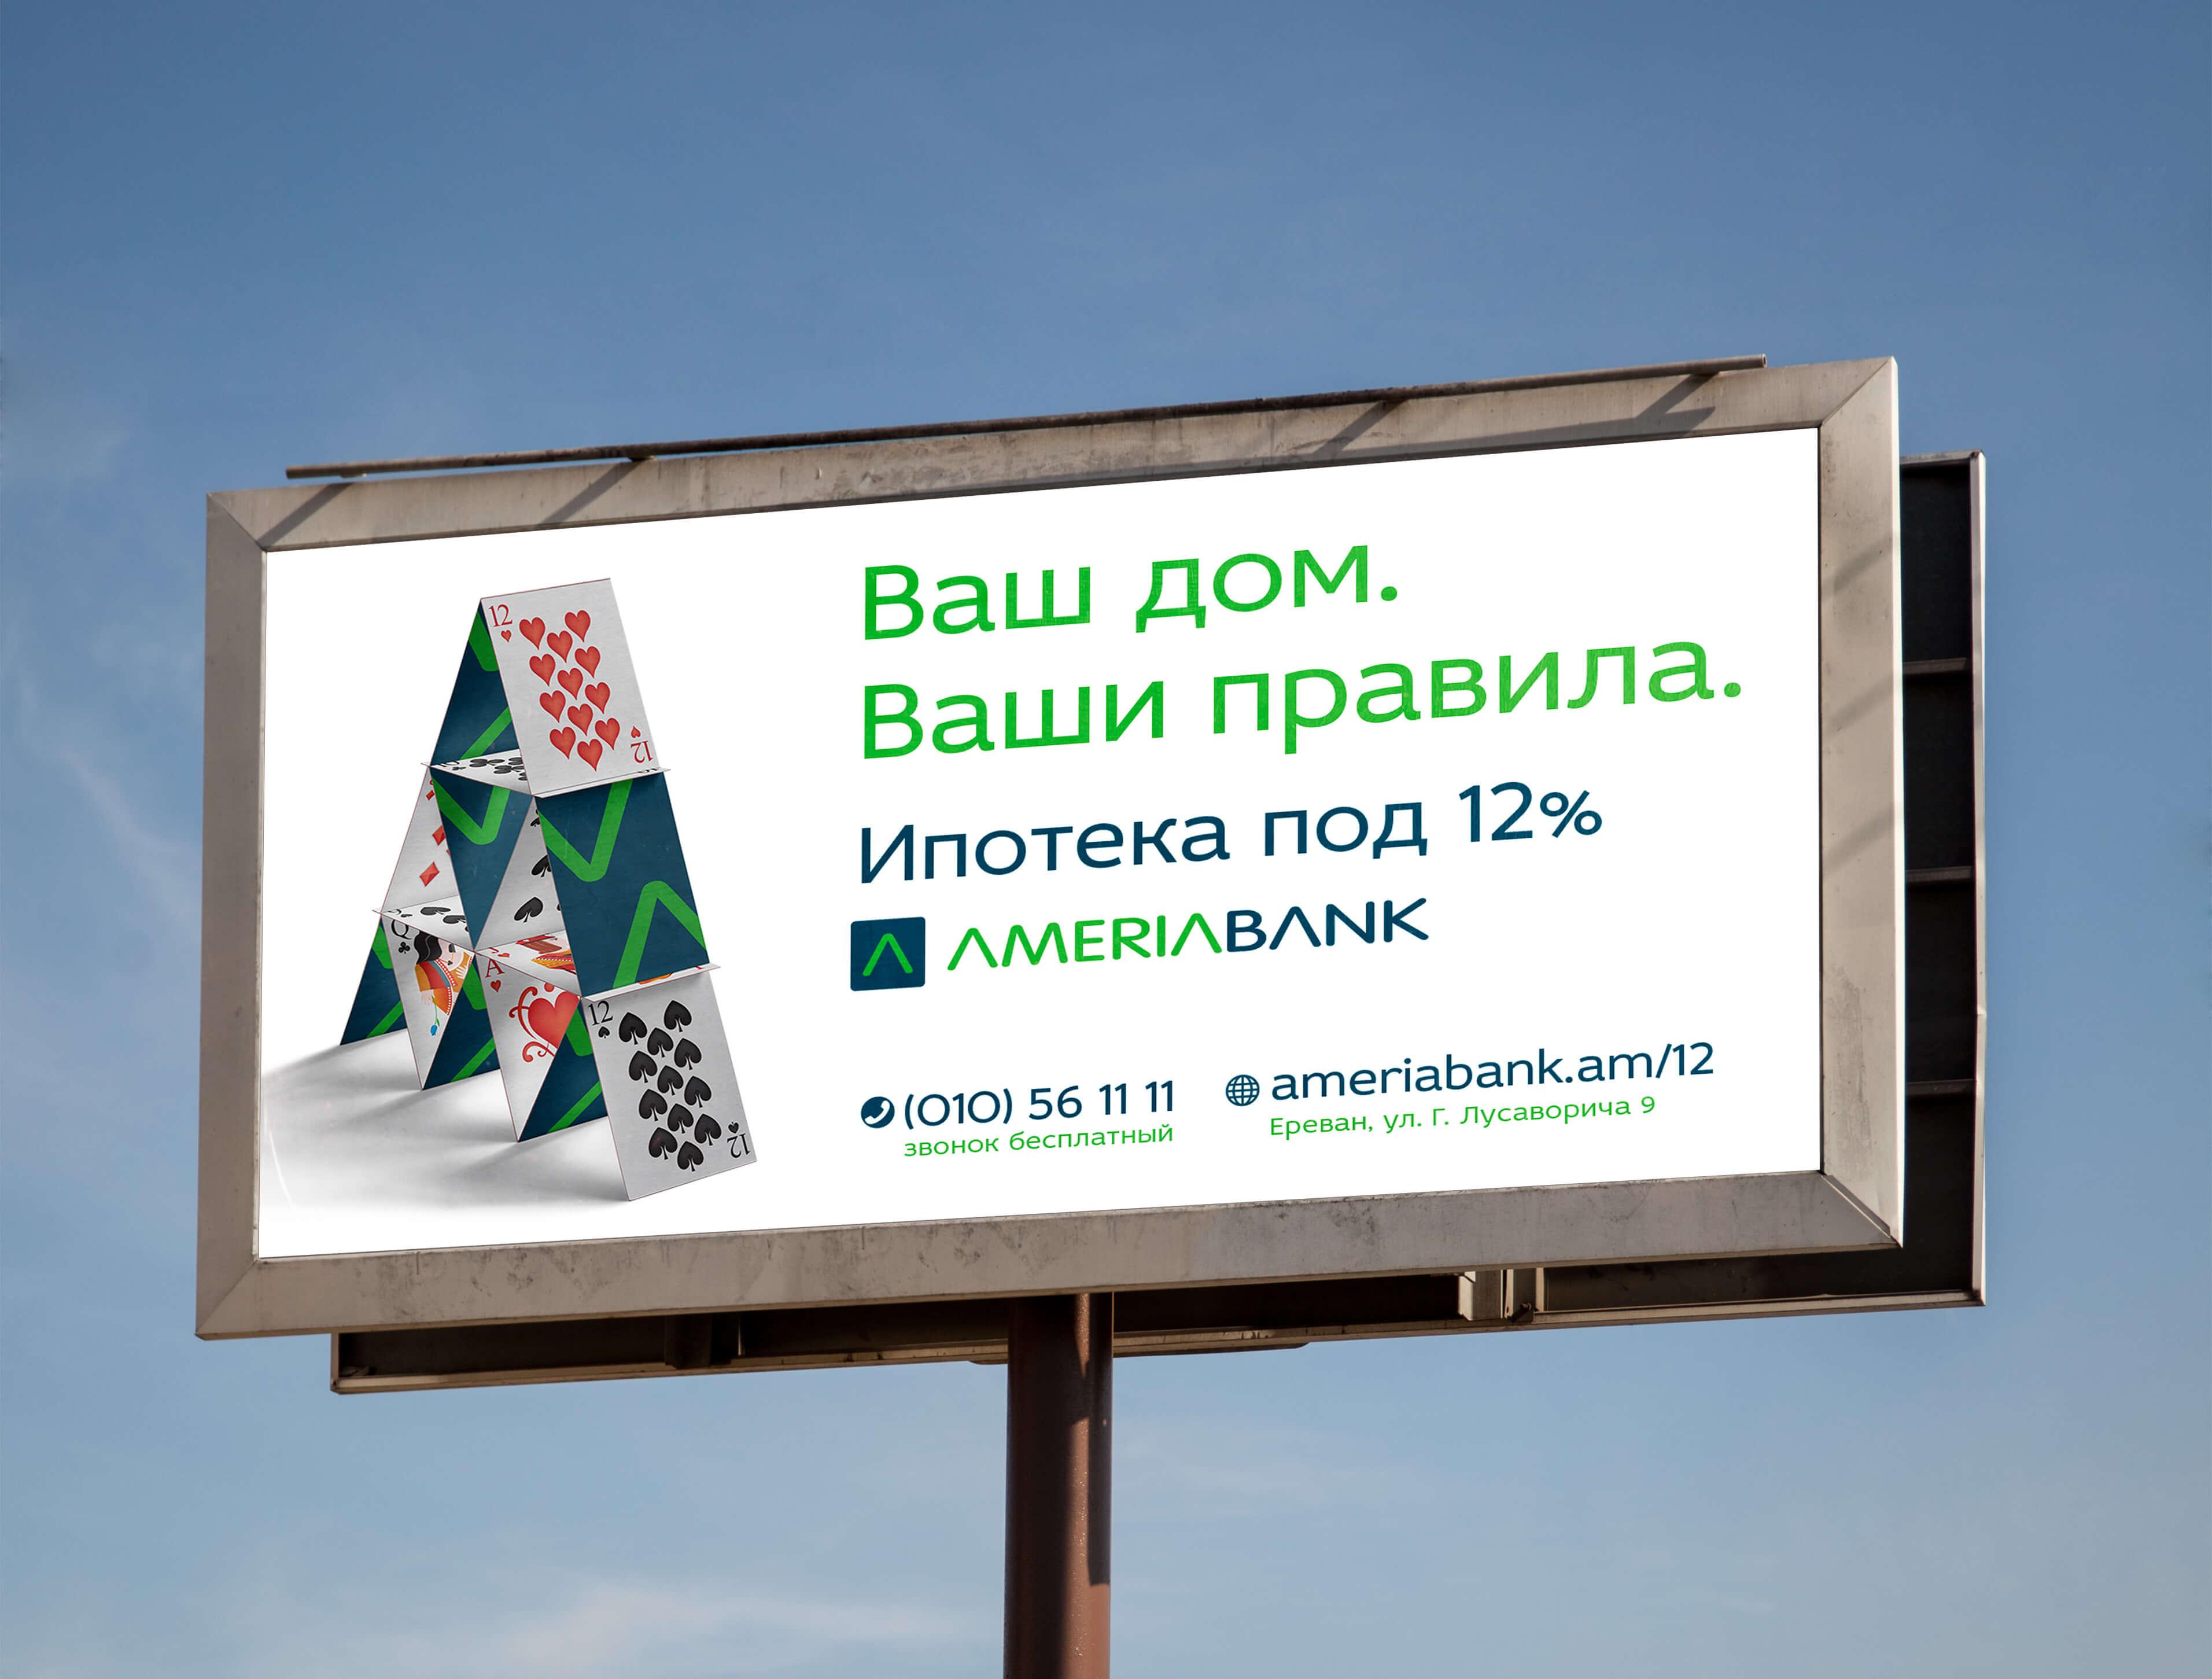 Ипотека под 12% в банке Ameria